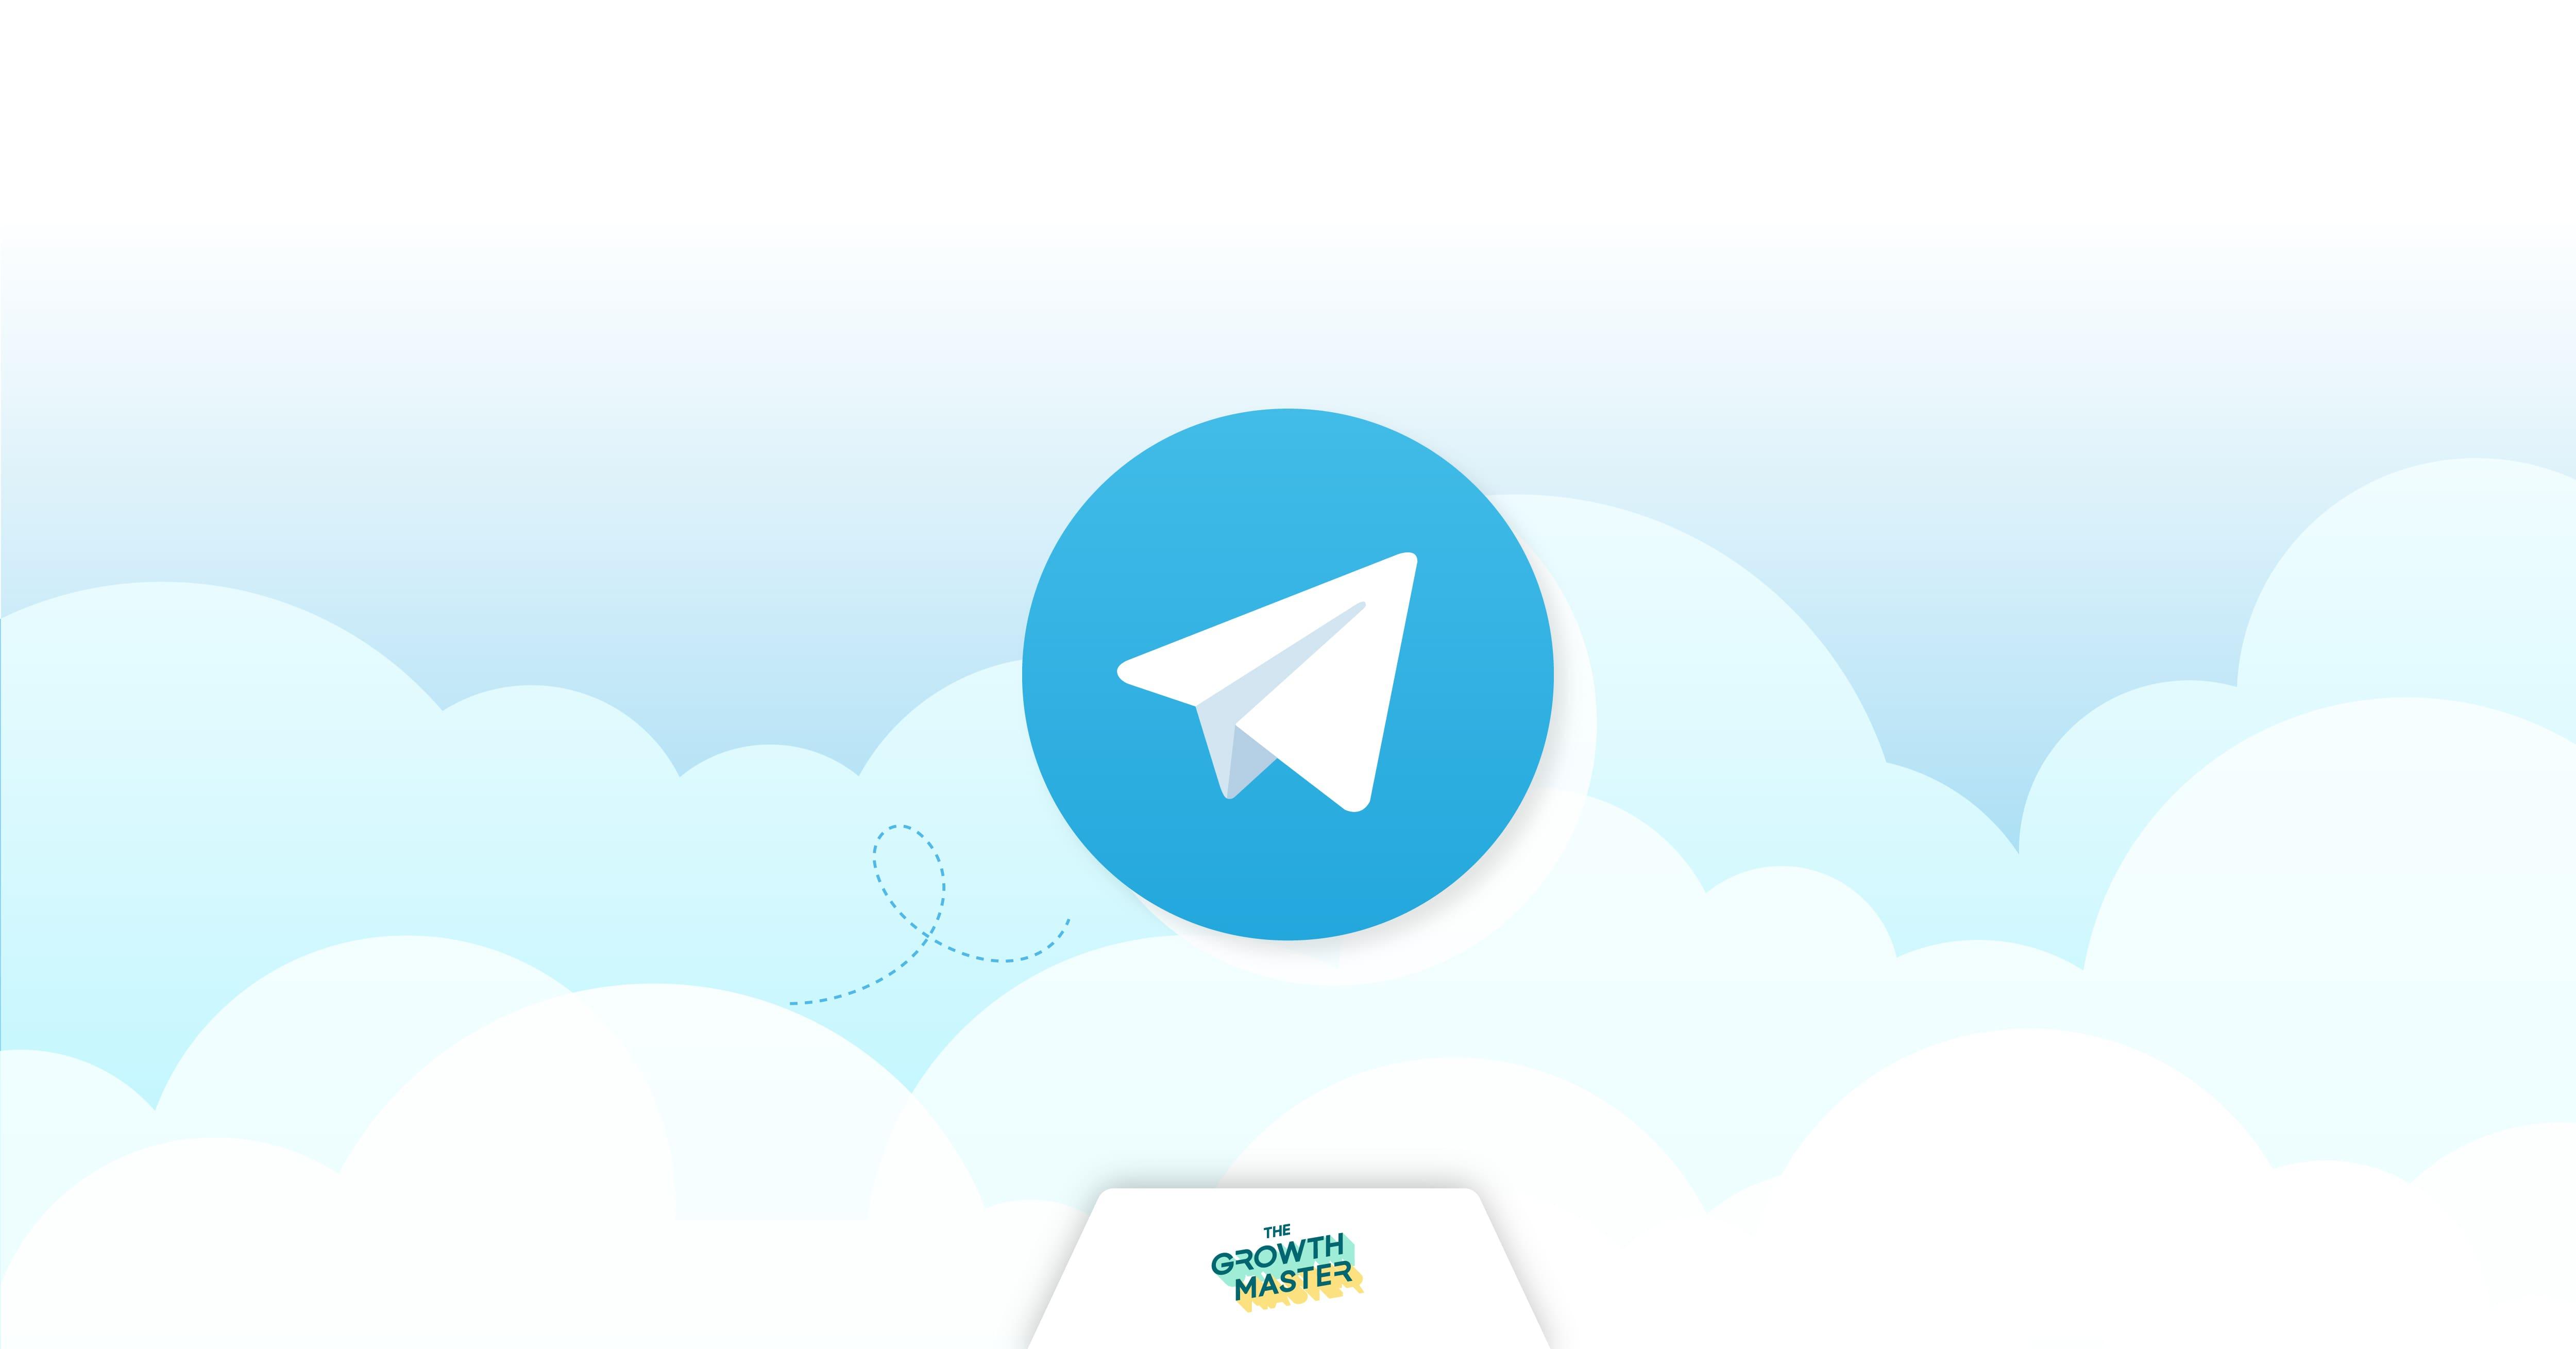 CASE STUDY : Telegram แอปพลิเคชันที่ระบบความปลอดภัยสูงจนรัฐบาลรัสเซียต้องยอมแพ้ !